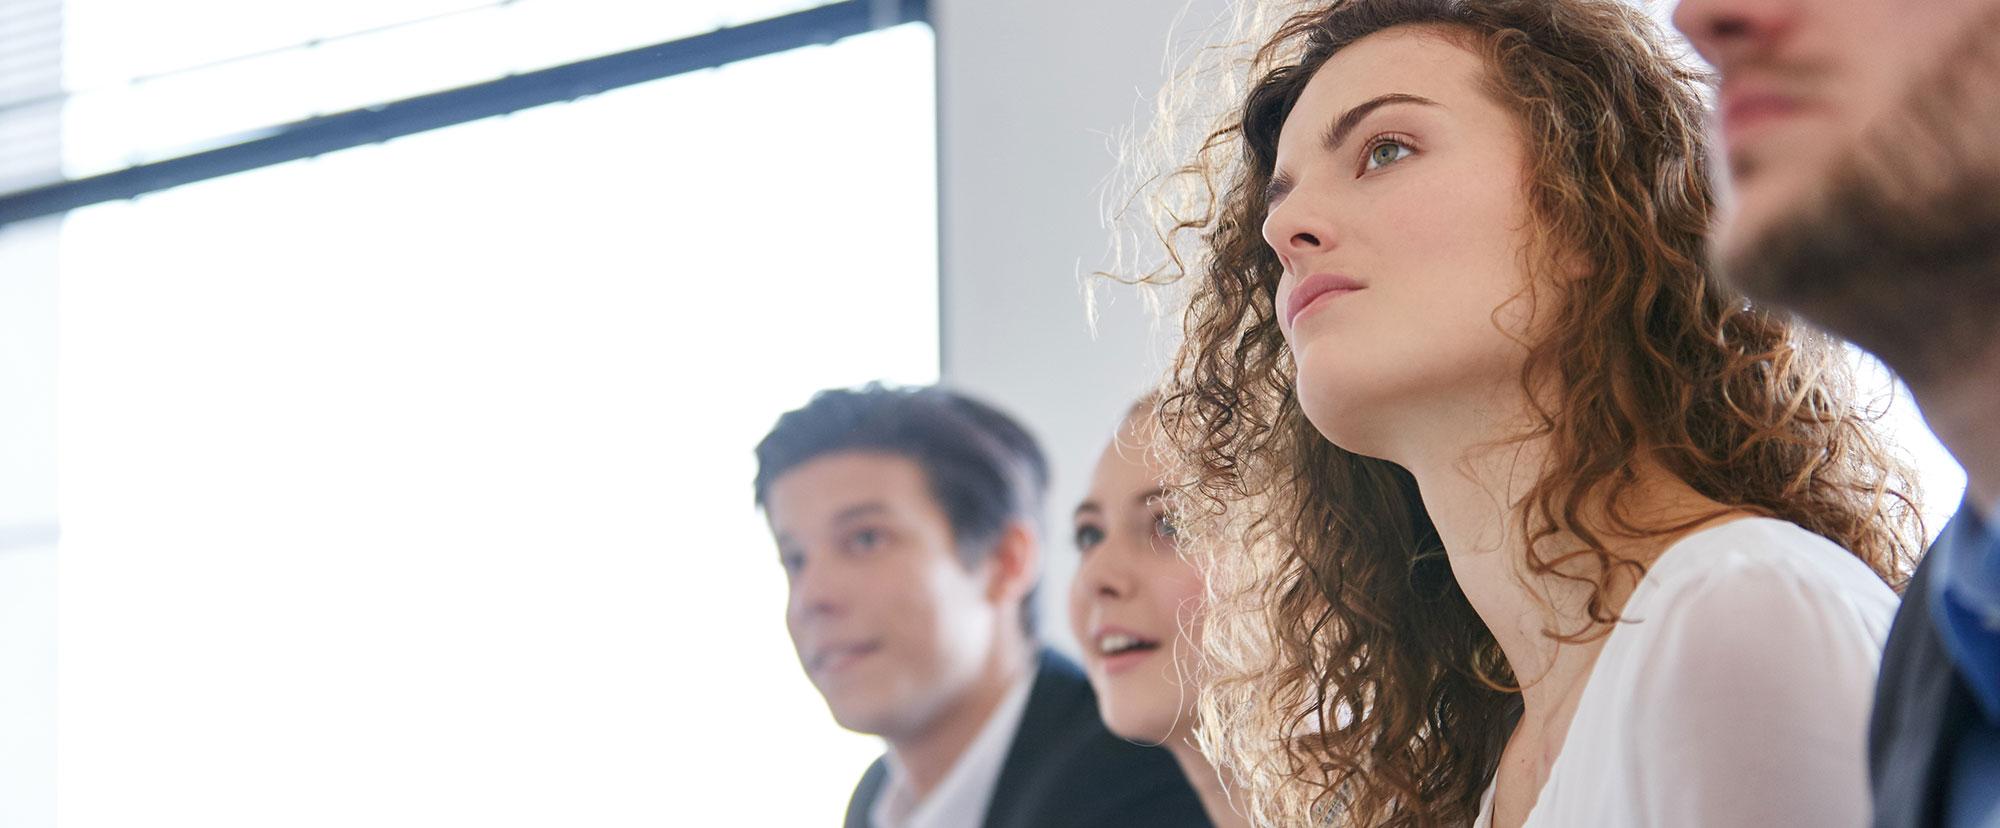 Vektus.dk afholder seminarer for mange forskellige virksomheder.